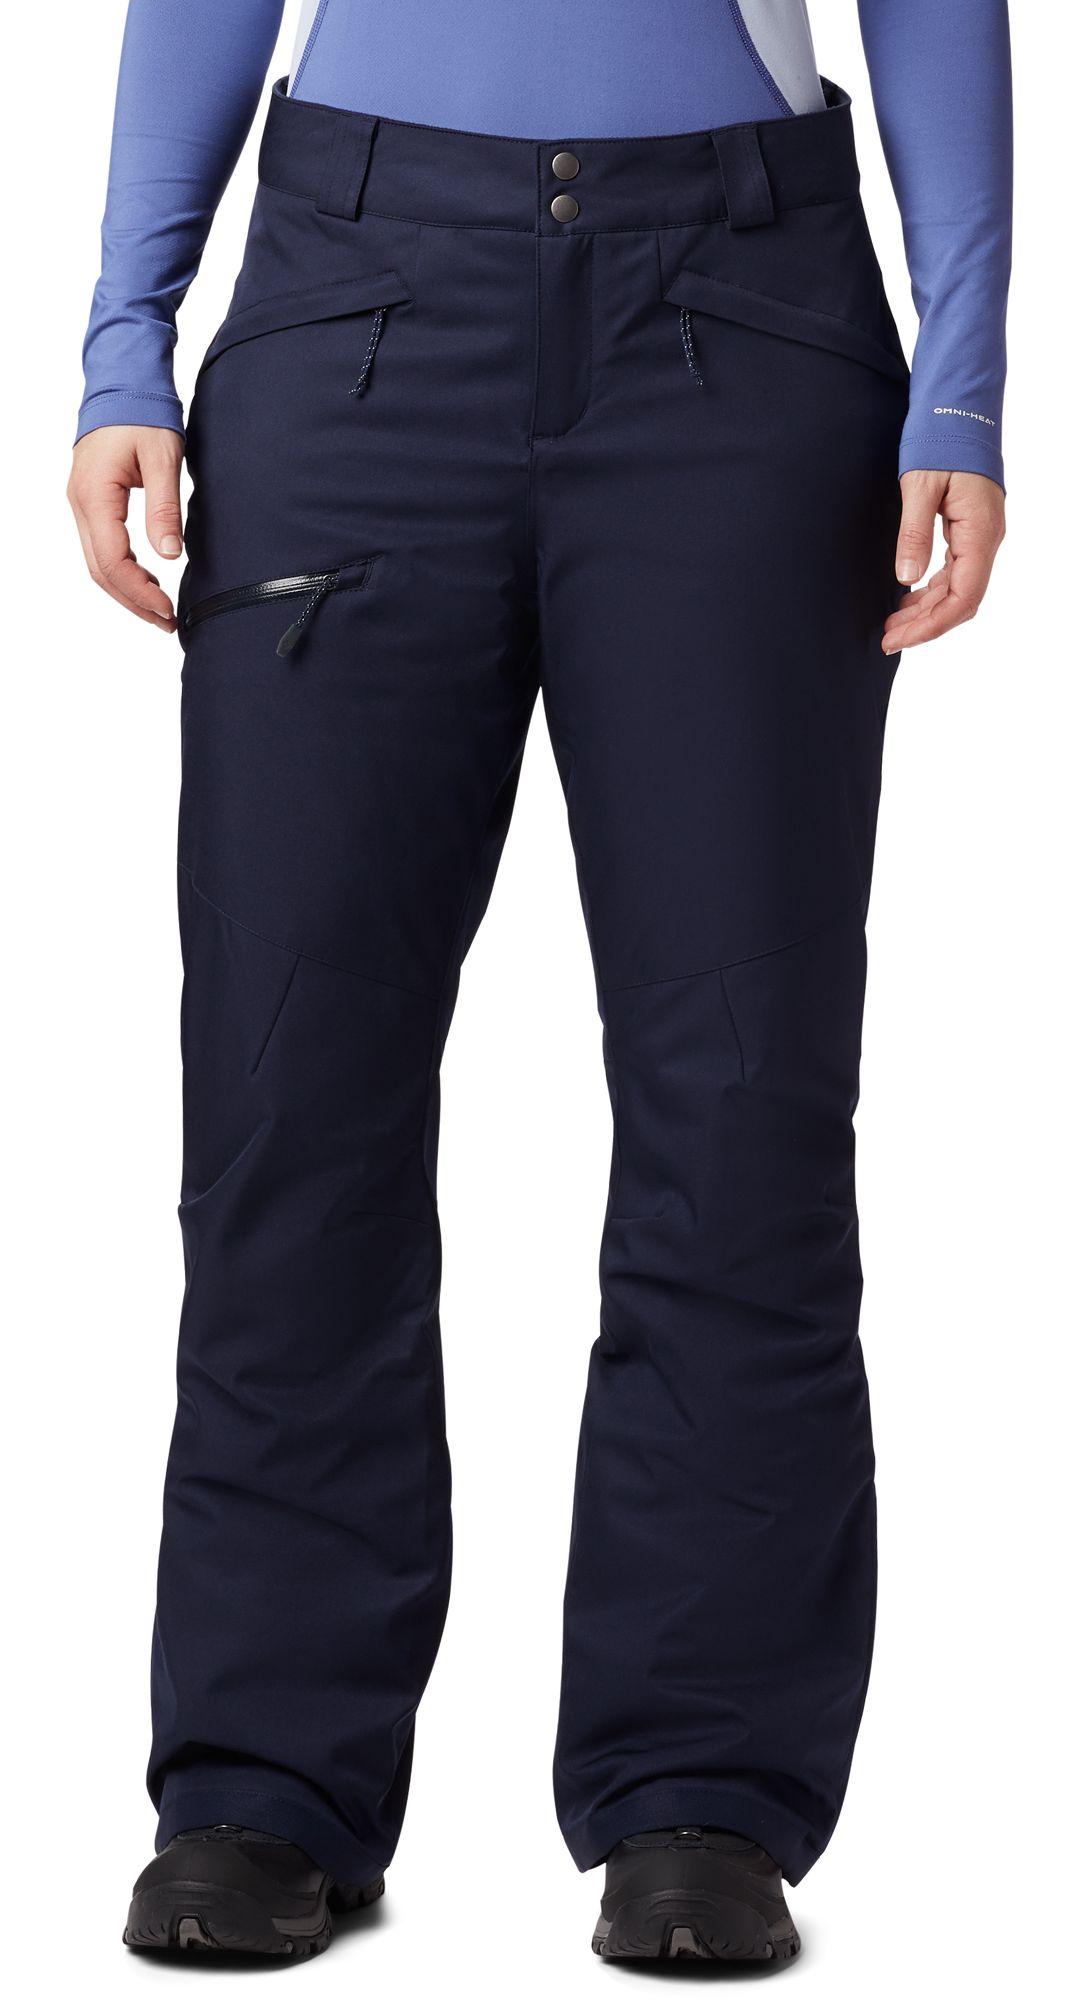 Columbia Women's Wildside Pants